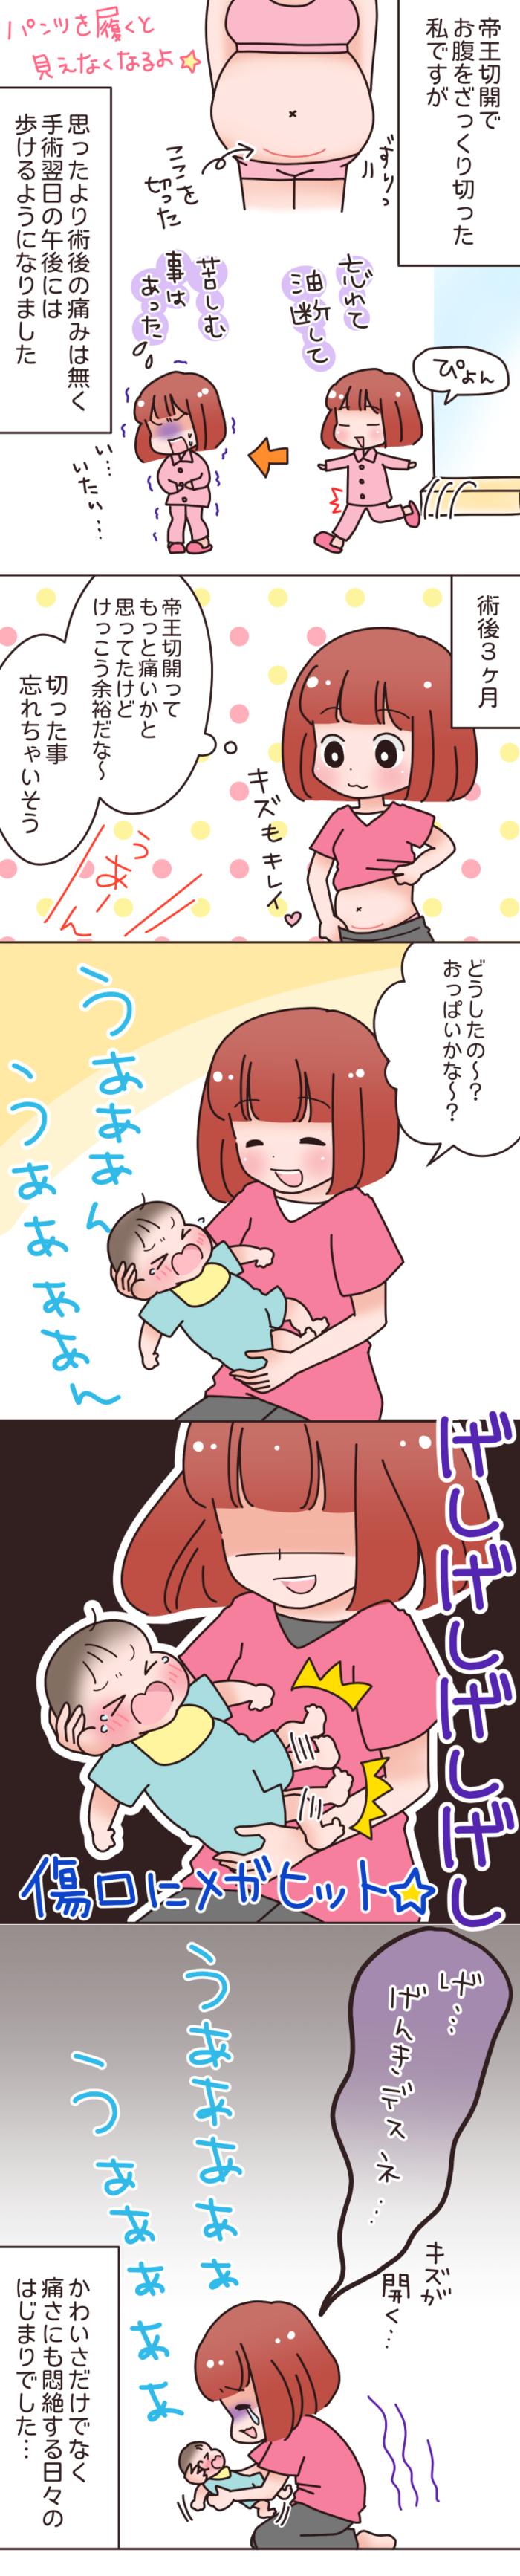 産後ママへの新たな試練!?帝王切開後は、○○にご用心の画像2